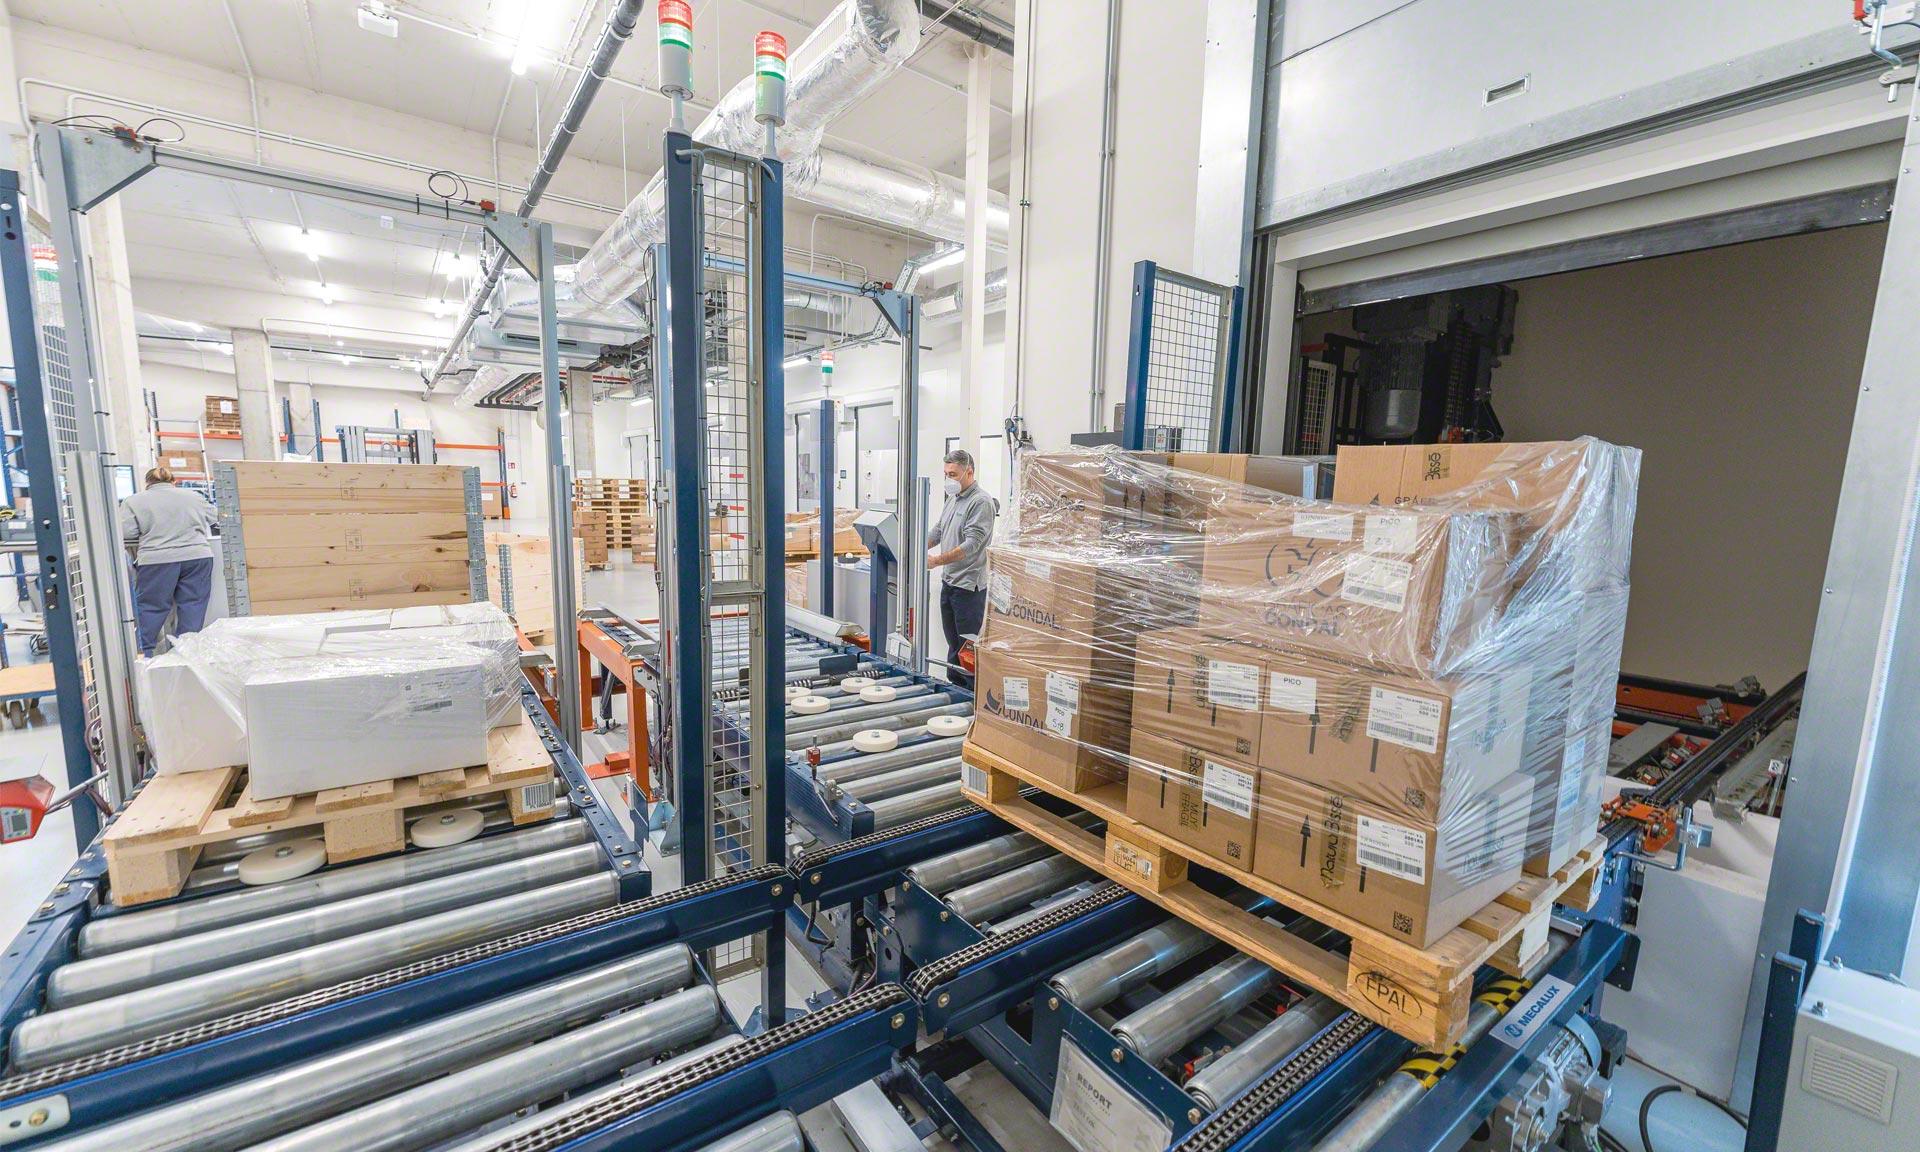 Natura Bissé: an automated warehouse that beautifies logistics